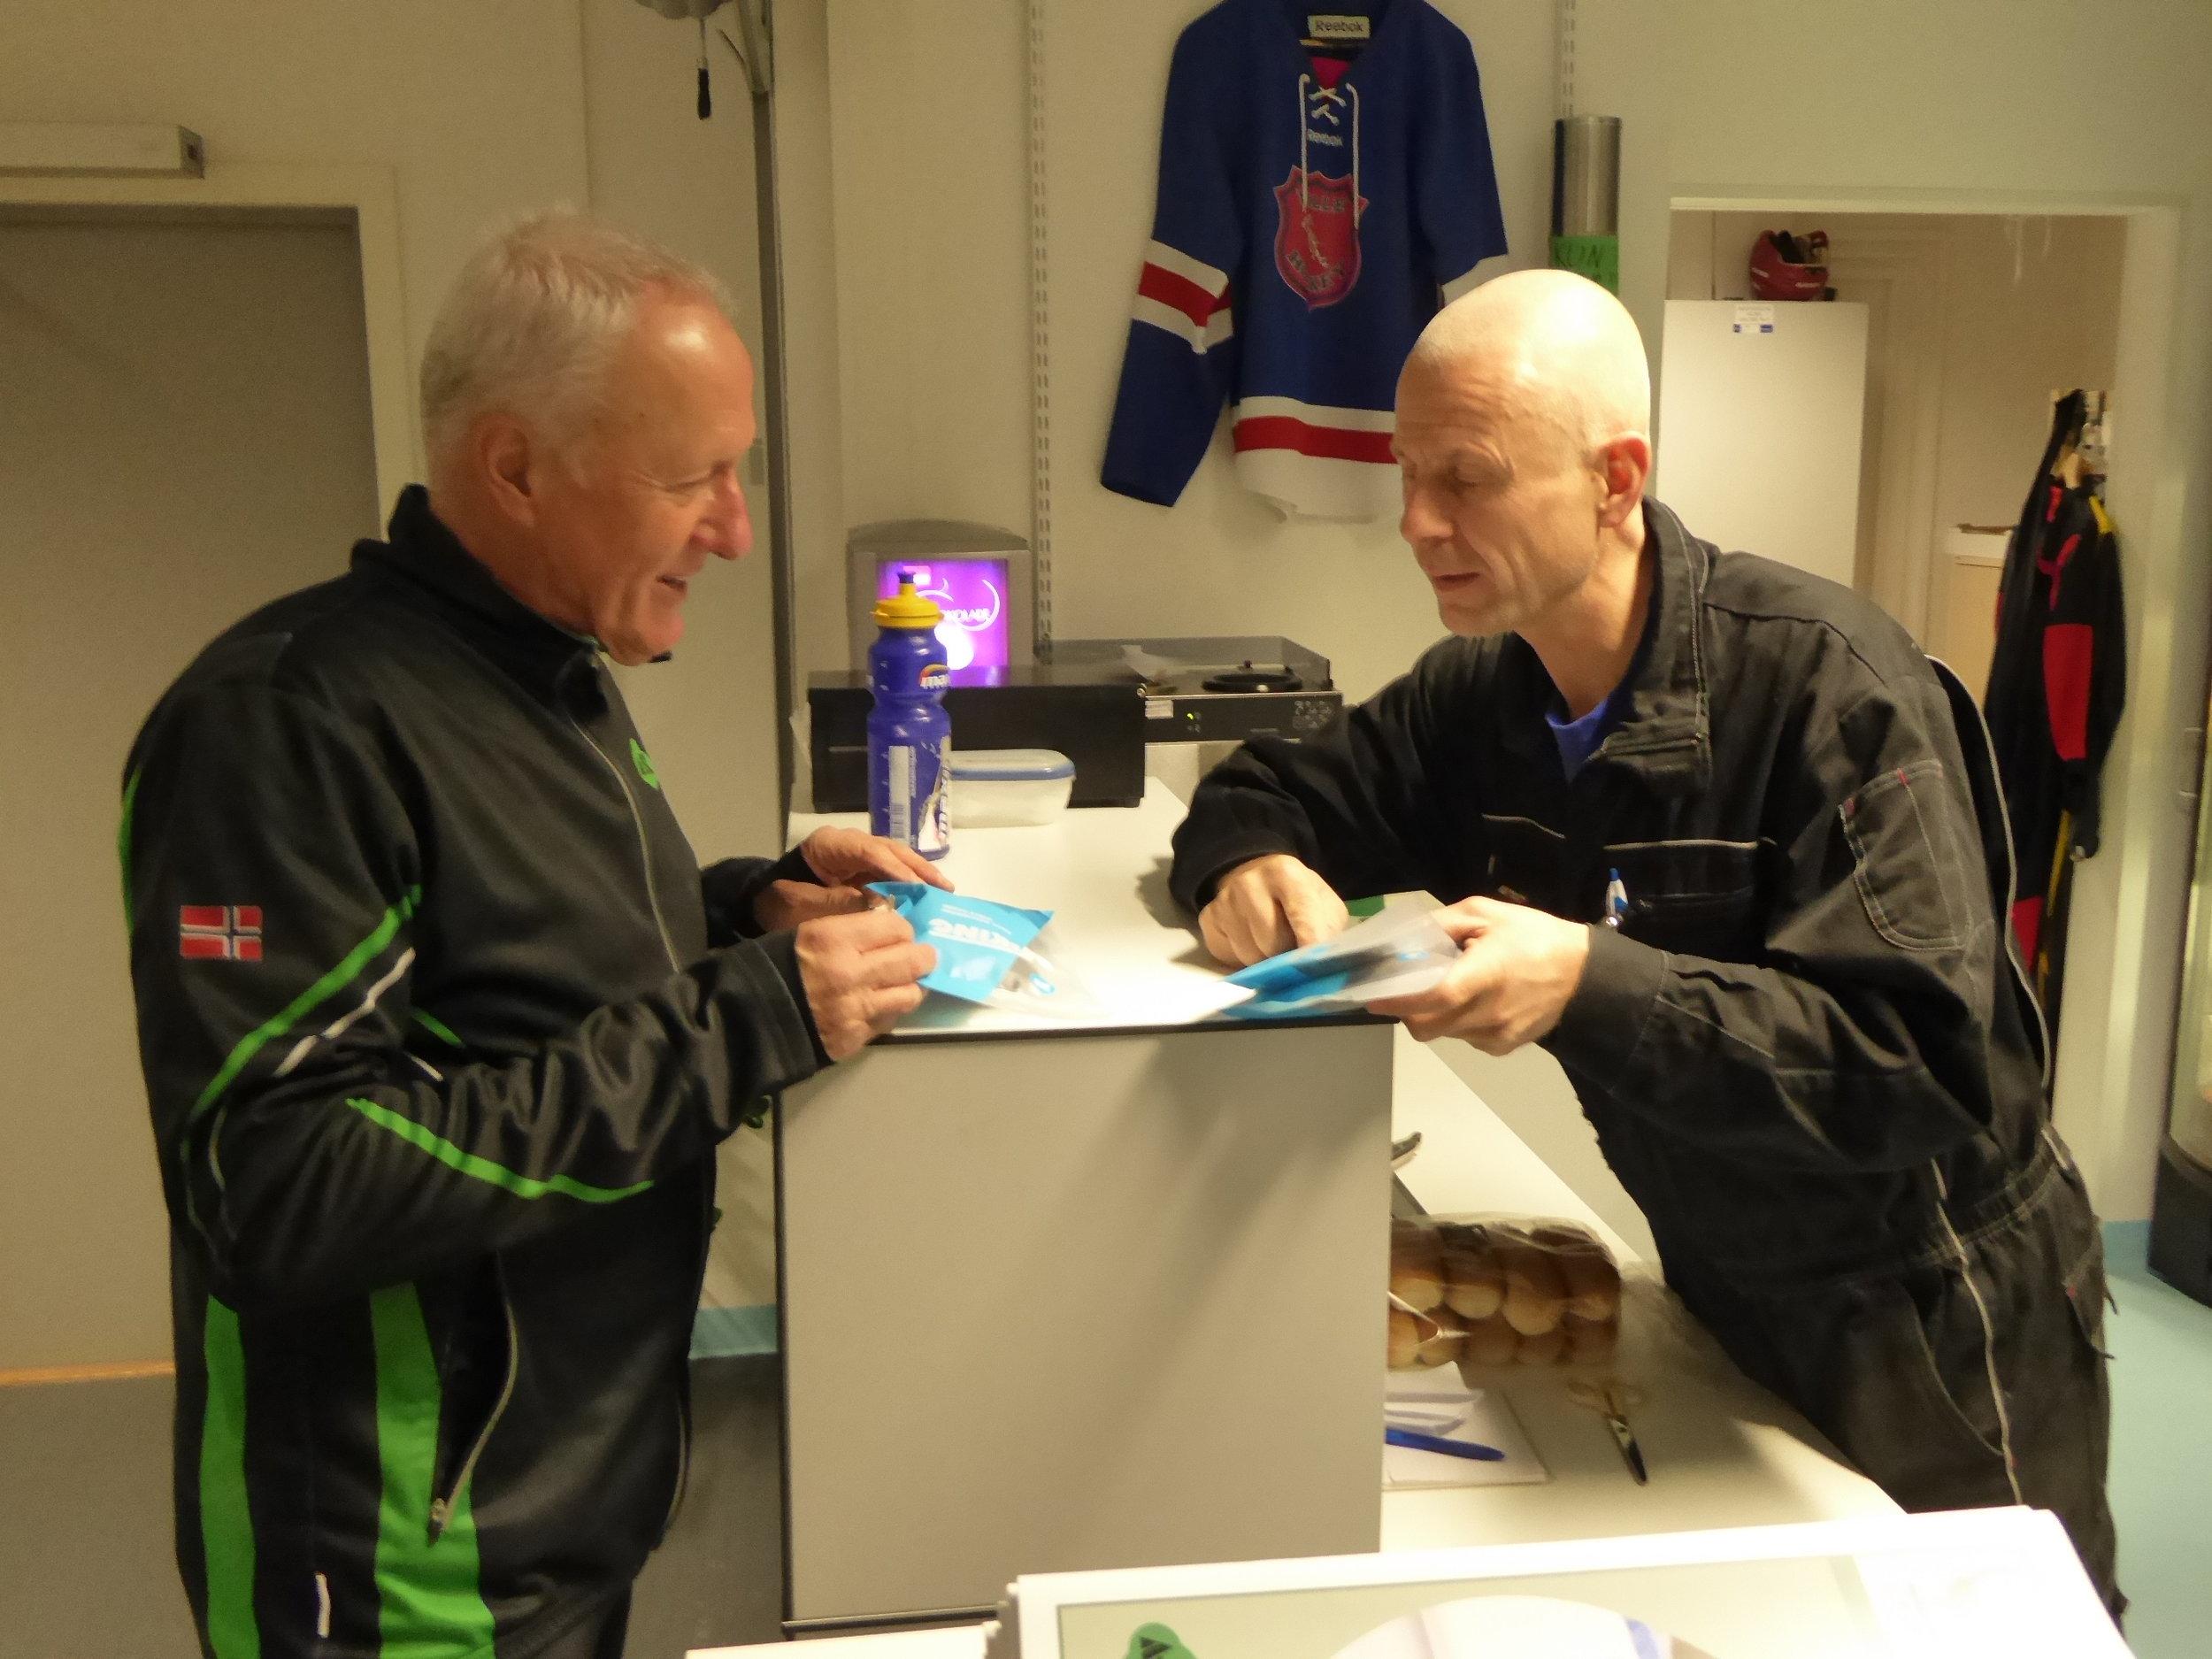 Odd Arild Ødegaard (t.h.) hjelper Pål Gulliksen å komplettere utstyret.  (Foto: Sven-Åge Svensson)